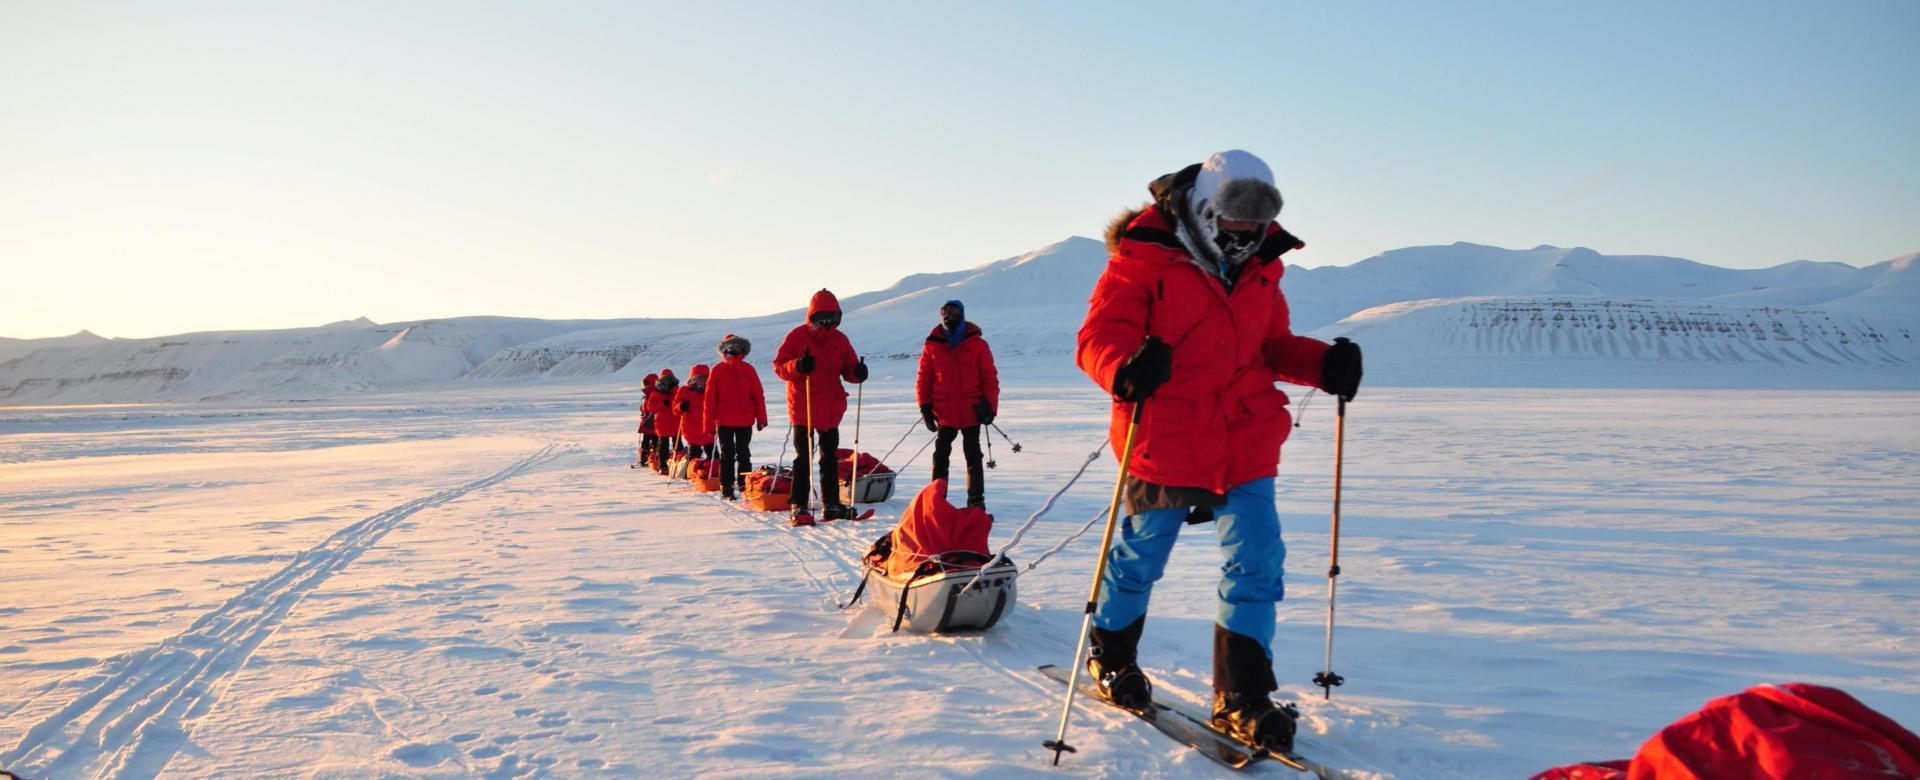 Voyage à pied : Objectif glacier von post à skis ou raquettes